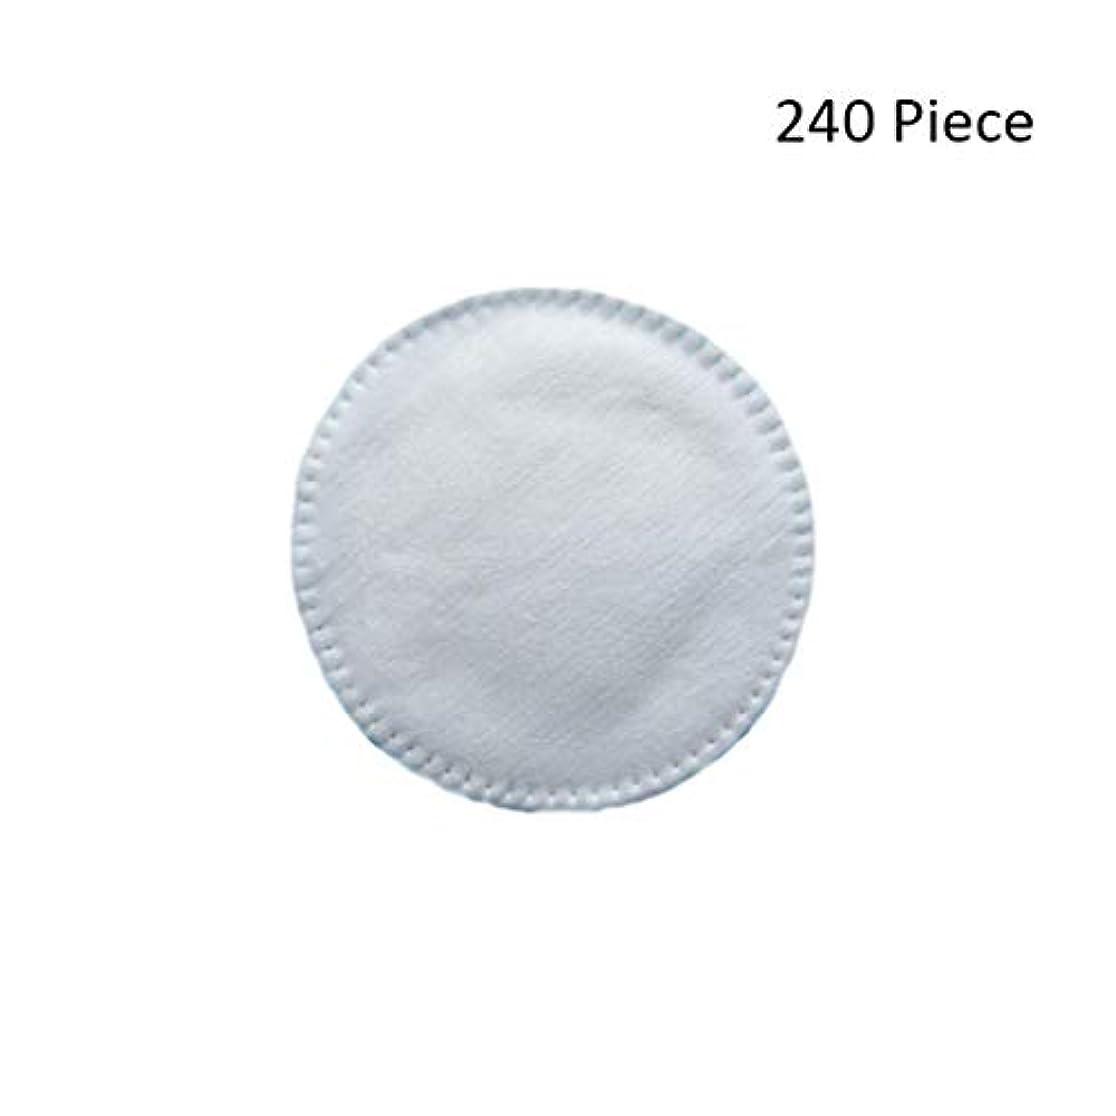 物理学者ファンド渇き化粧パッド 240ピースコットンフェイスメイク落としコットンフェイスワイプディープクレンジングコットン竹繊維スキンケアフェイスウォッシュ化粧品ツール メイク落とし化粧パッド (Color : White)